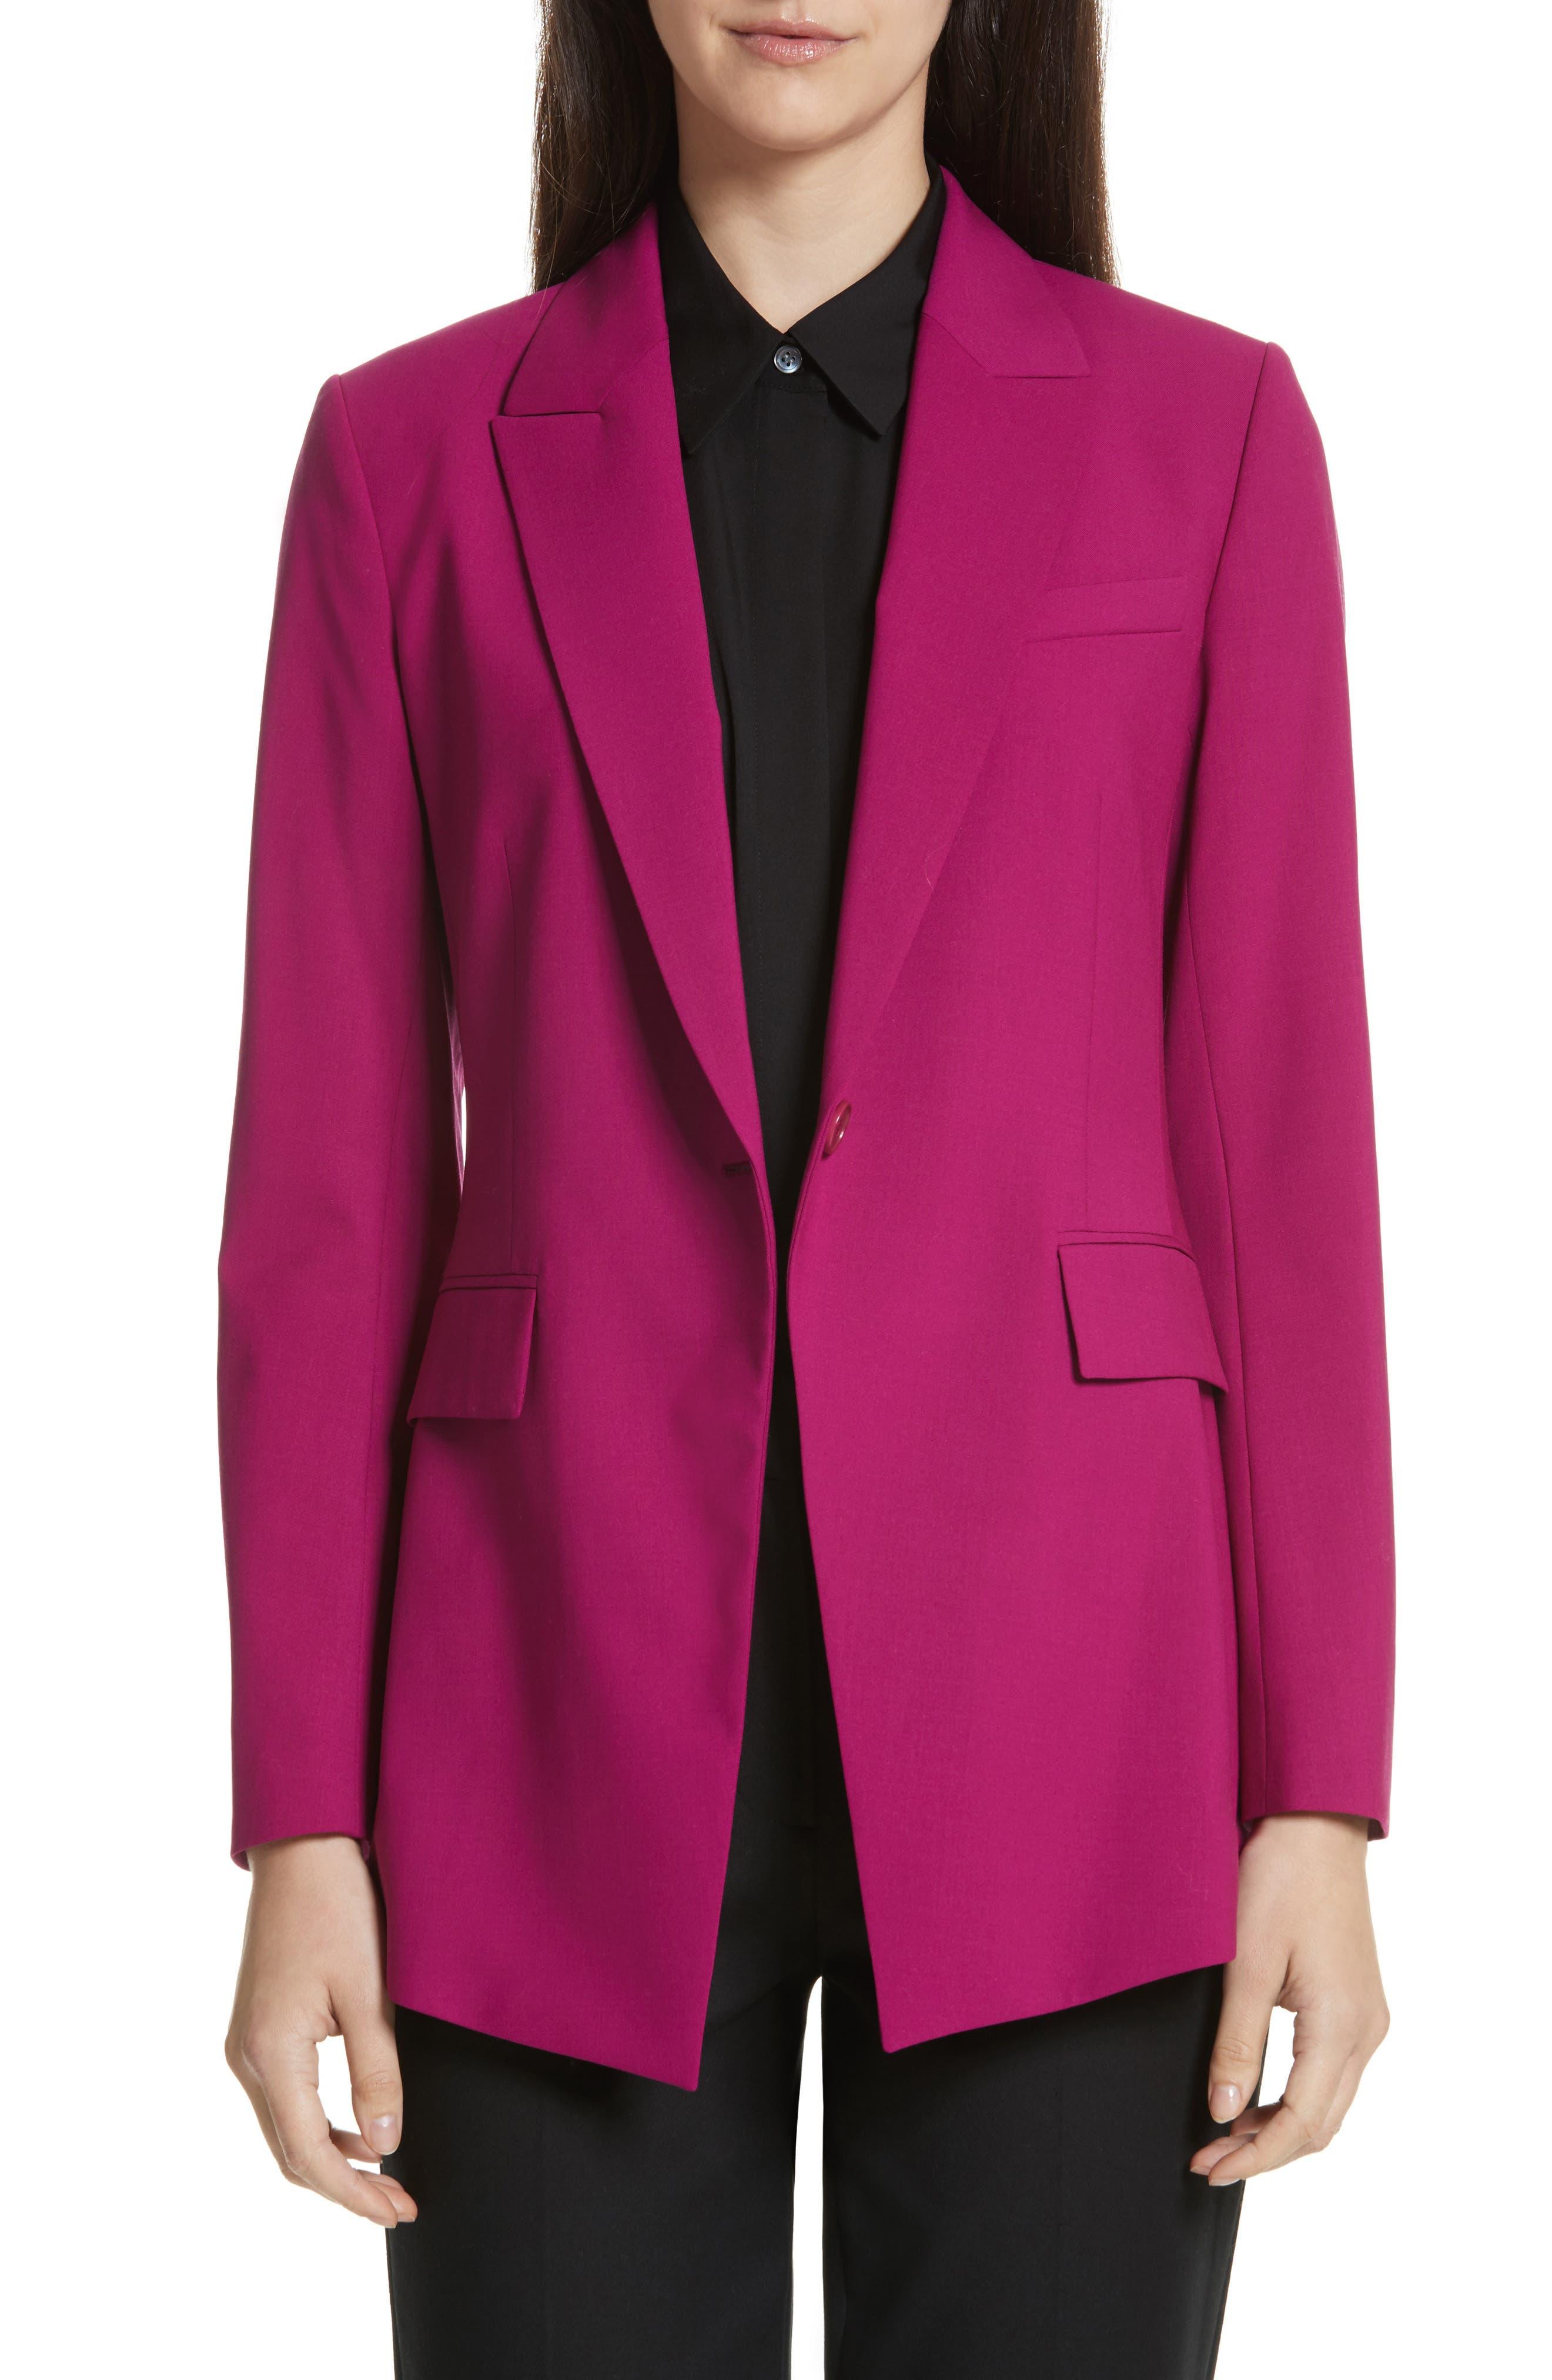 Etienette B Good Wool Suit Jacket,                             Main thumbnail 1, color,                             Electric Pink